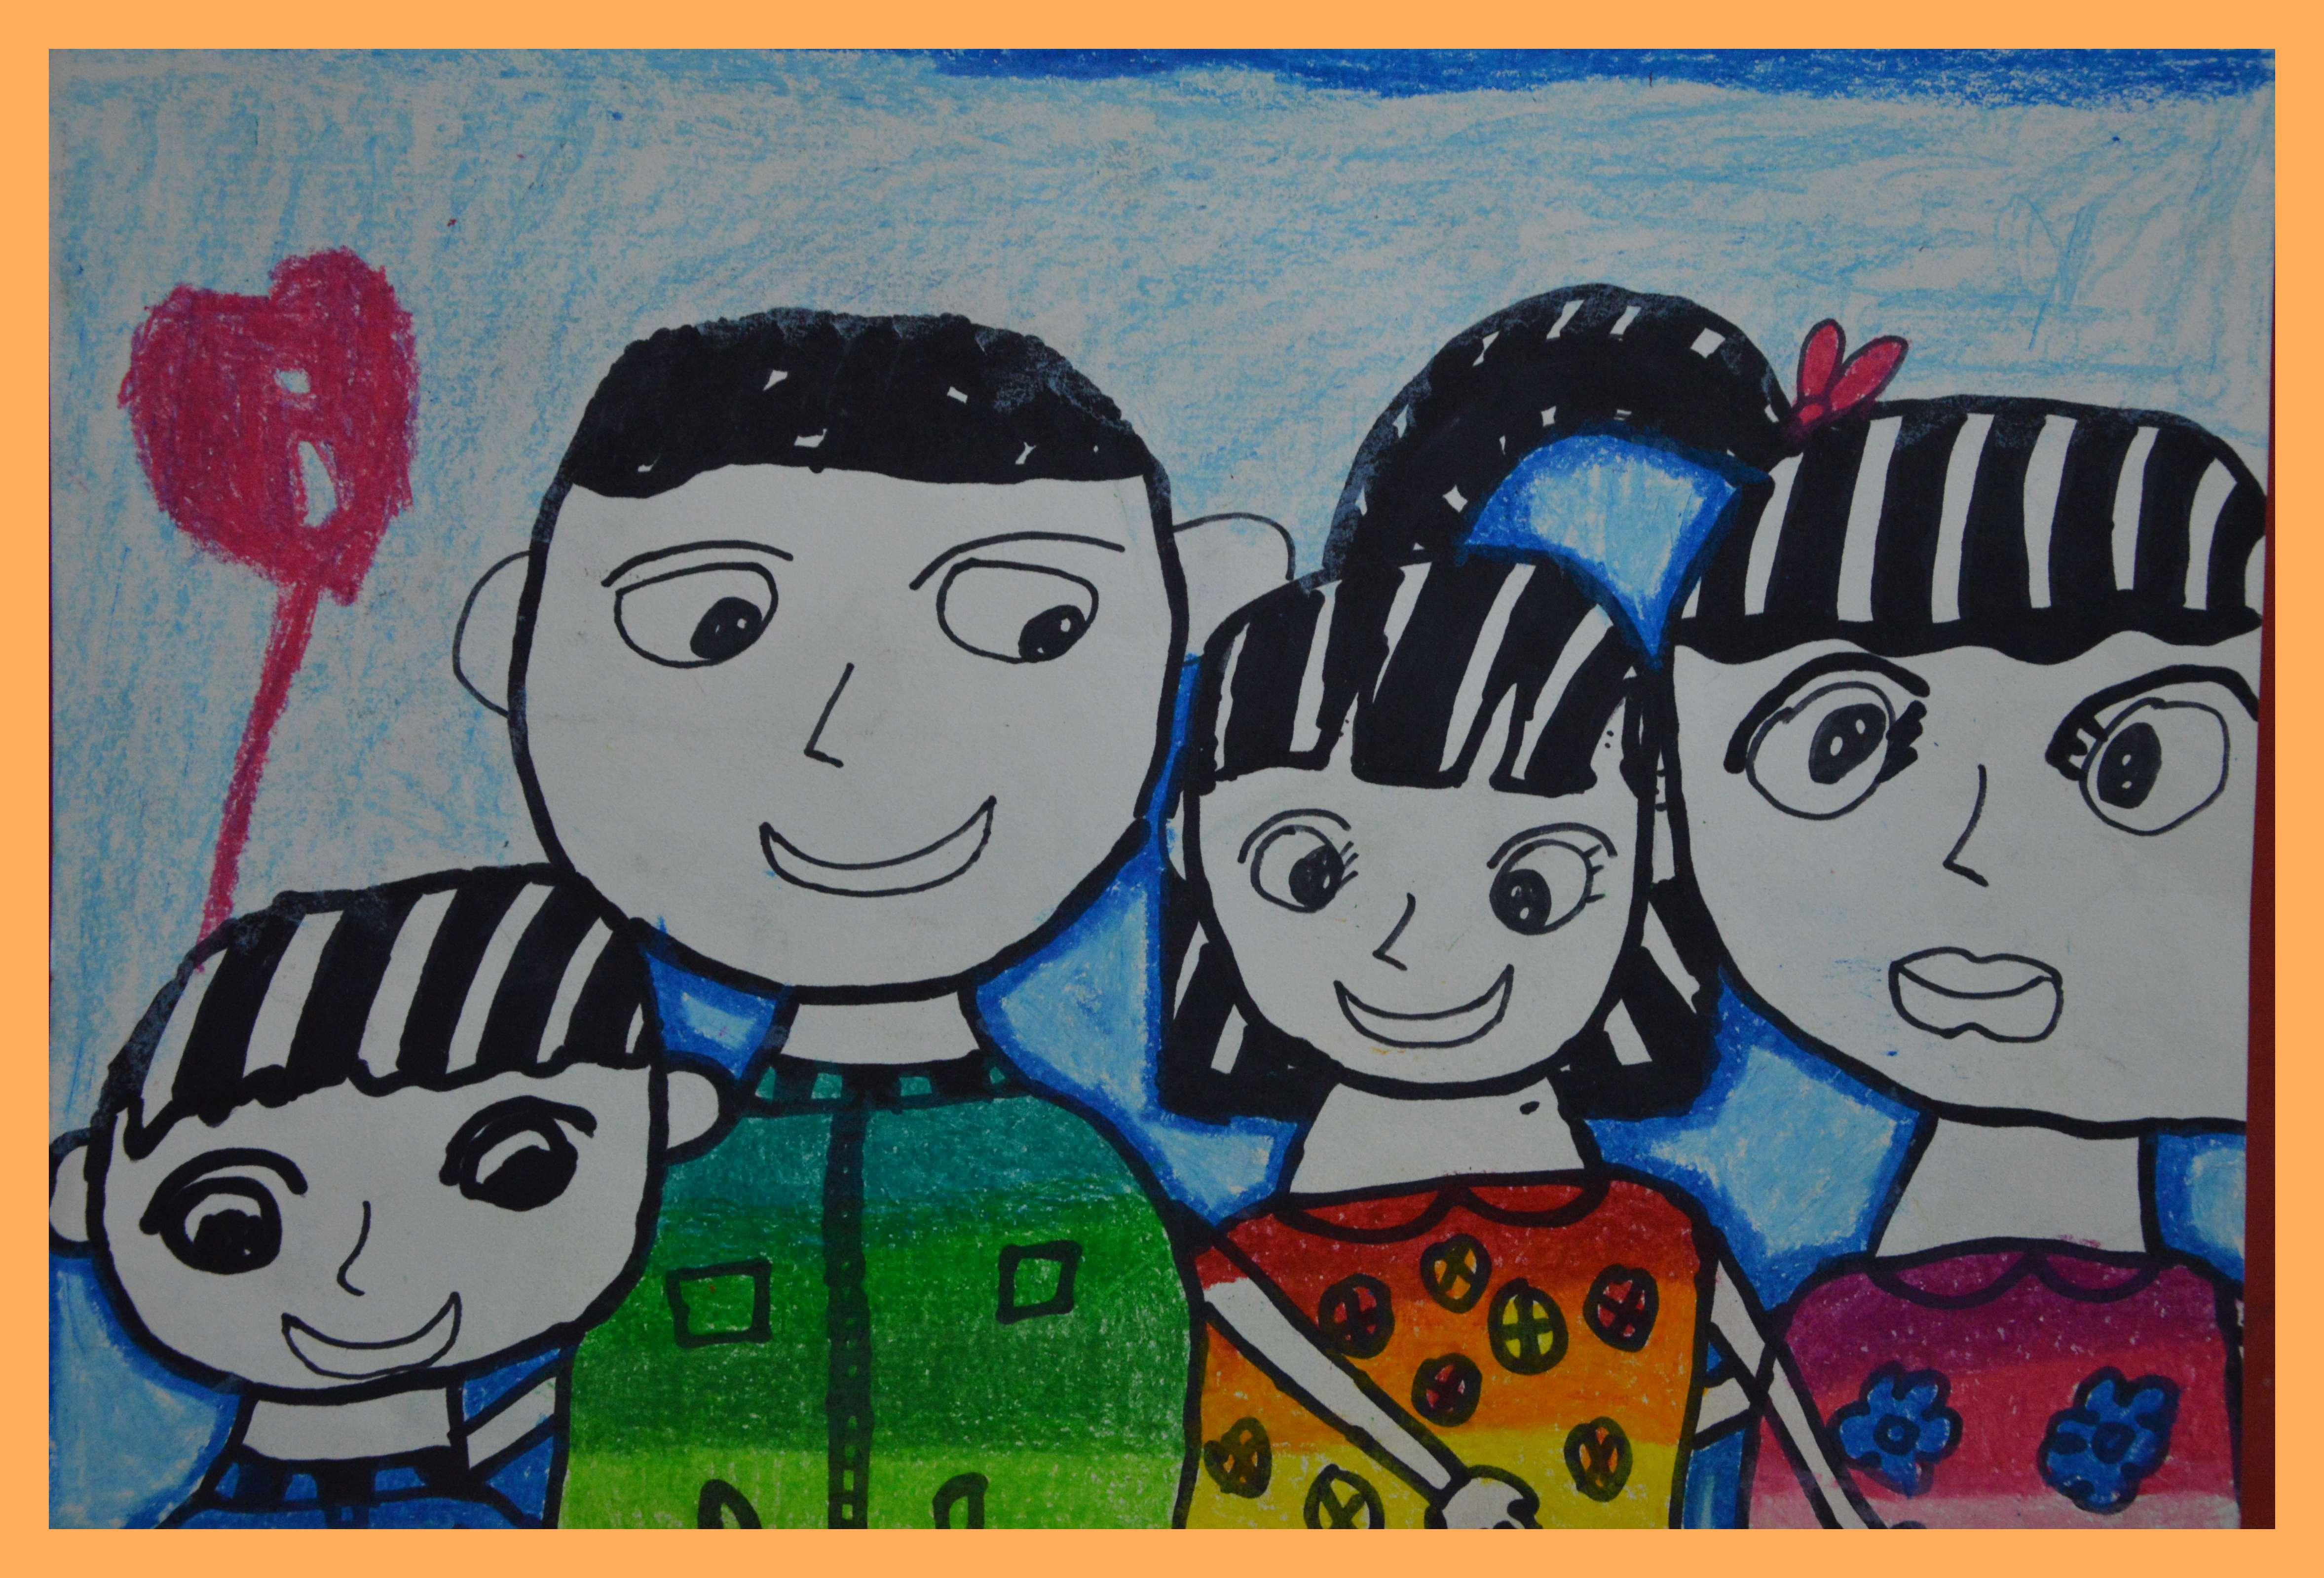 麦田彩虹口袋全家福画作比赛-项目学校篇图片